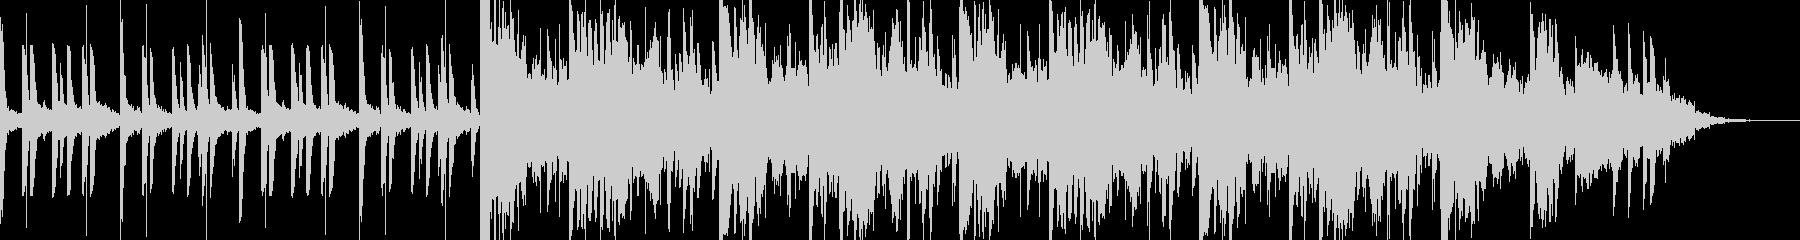 ベッドルームmusic③(チルアウト)の未再生の波形